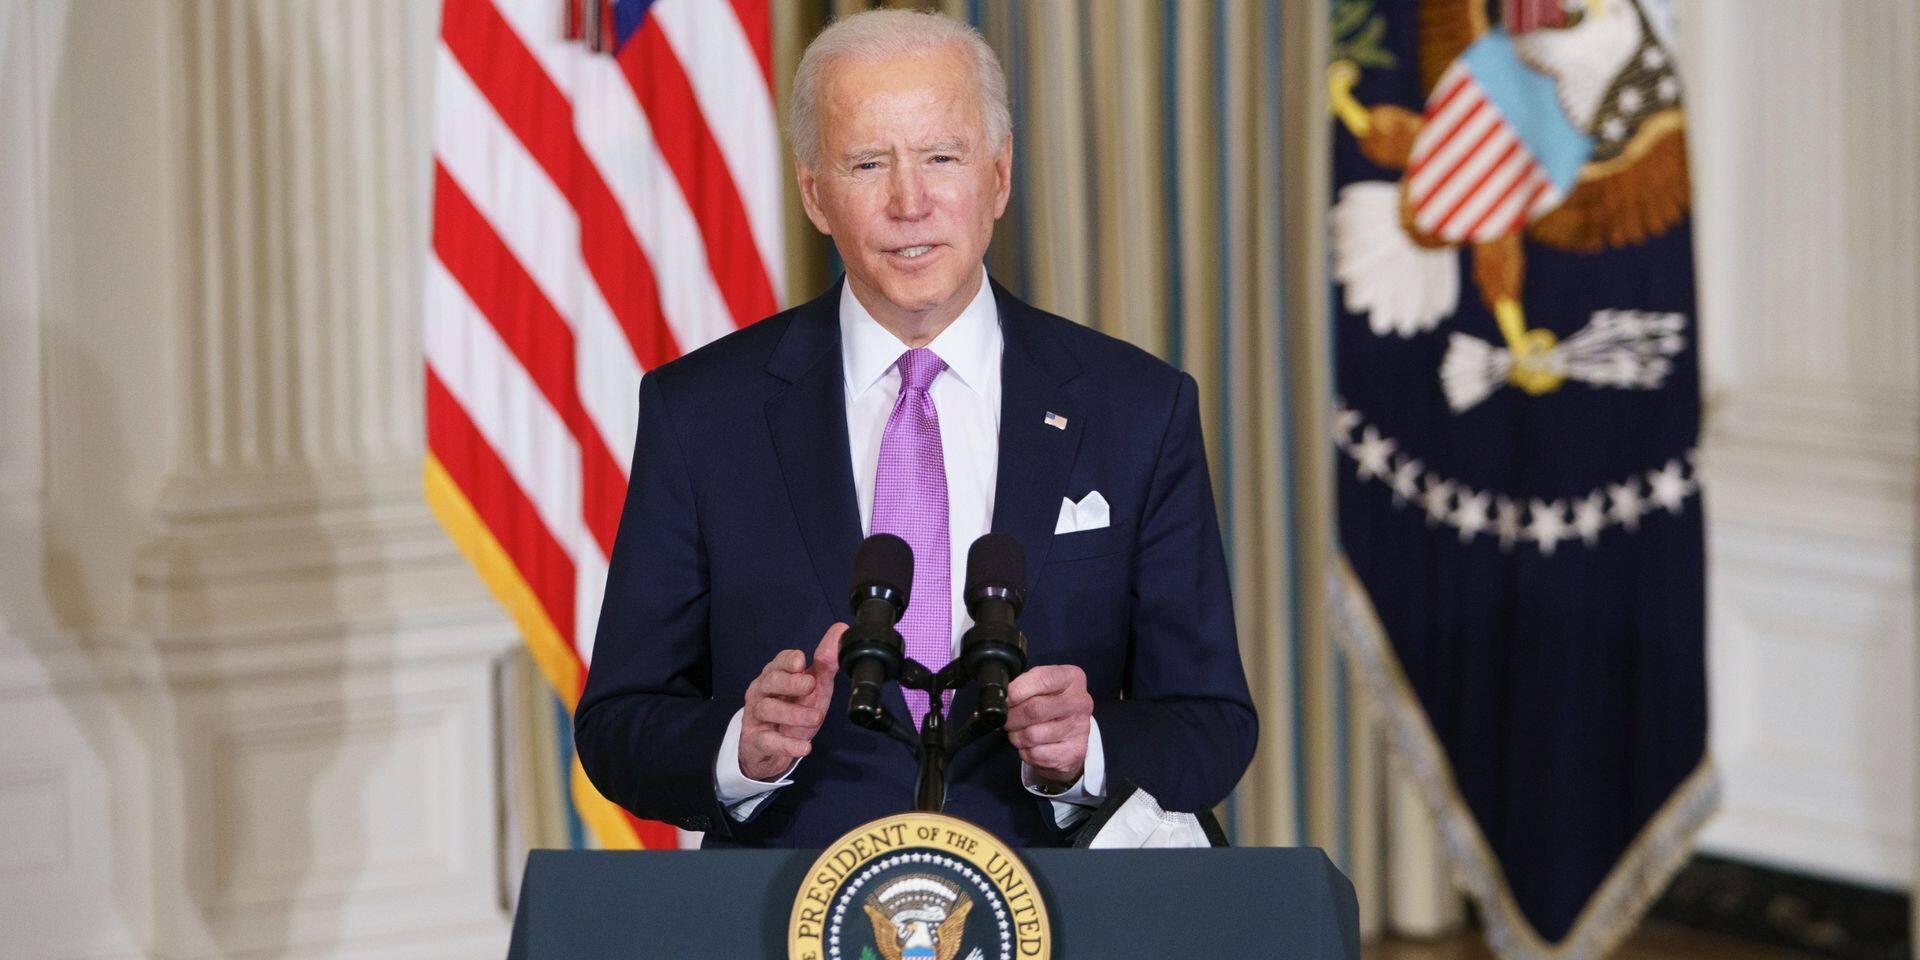 Que va-t-il advenir des ambitions climatiques et sociales du président Biden ?